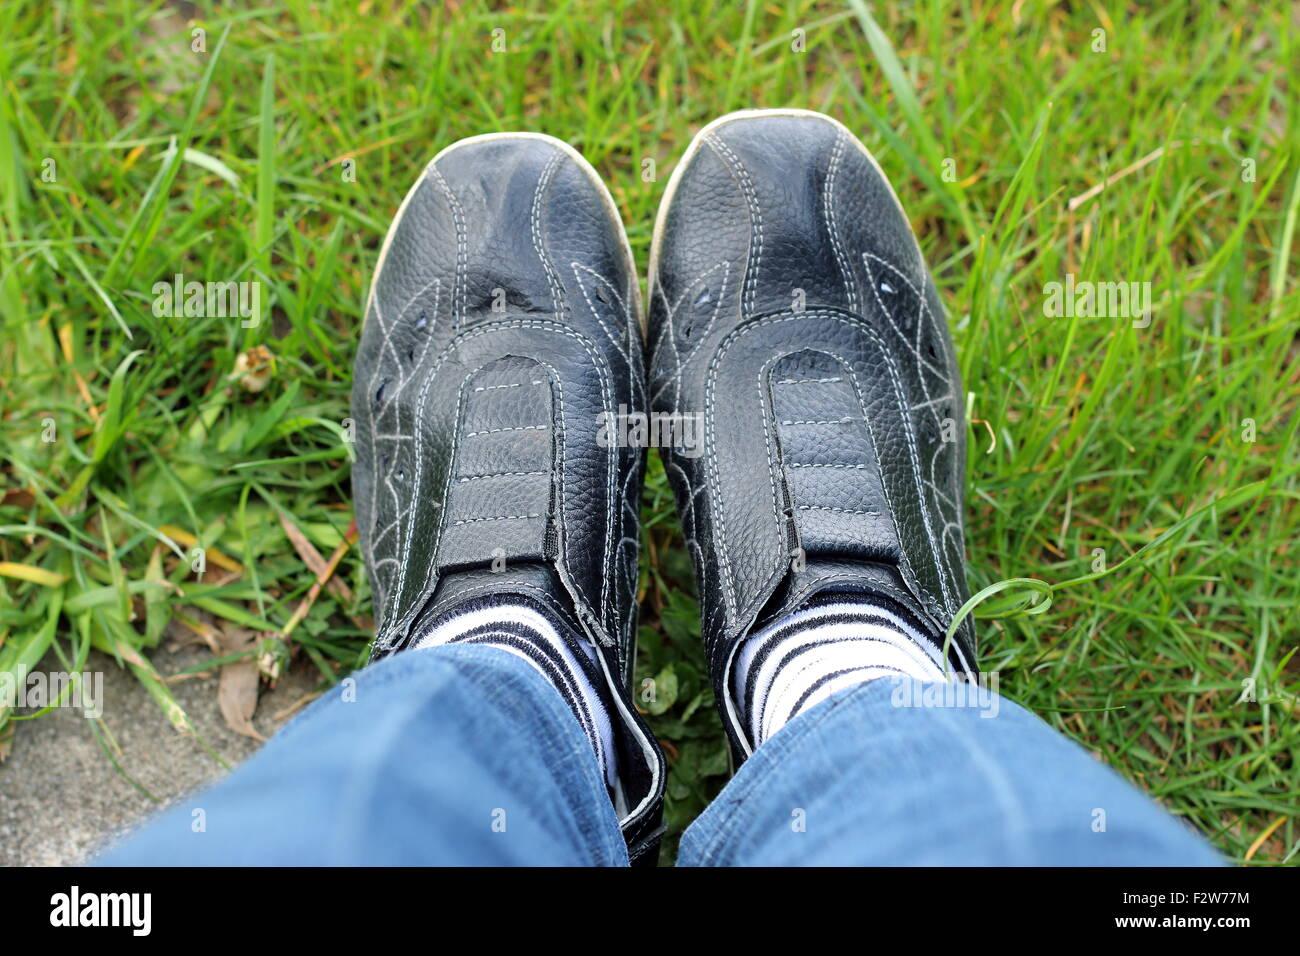 Schwarze Sportschuhe auf einem Rasen Turnschuhe Stockfoto